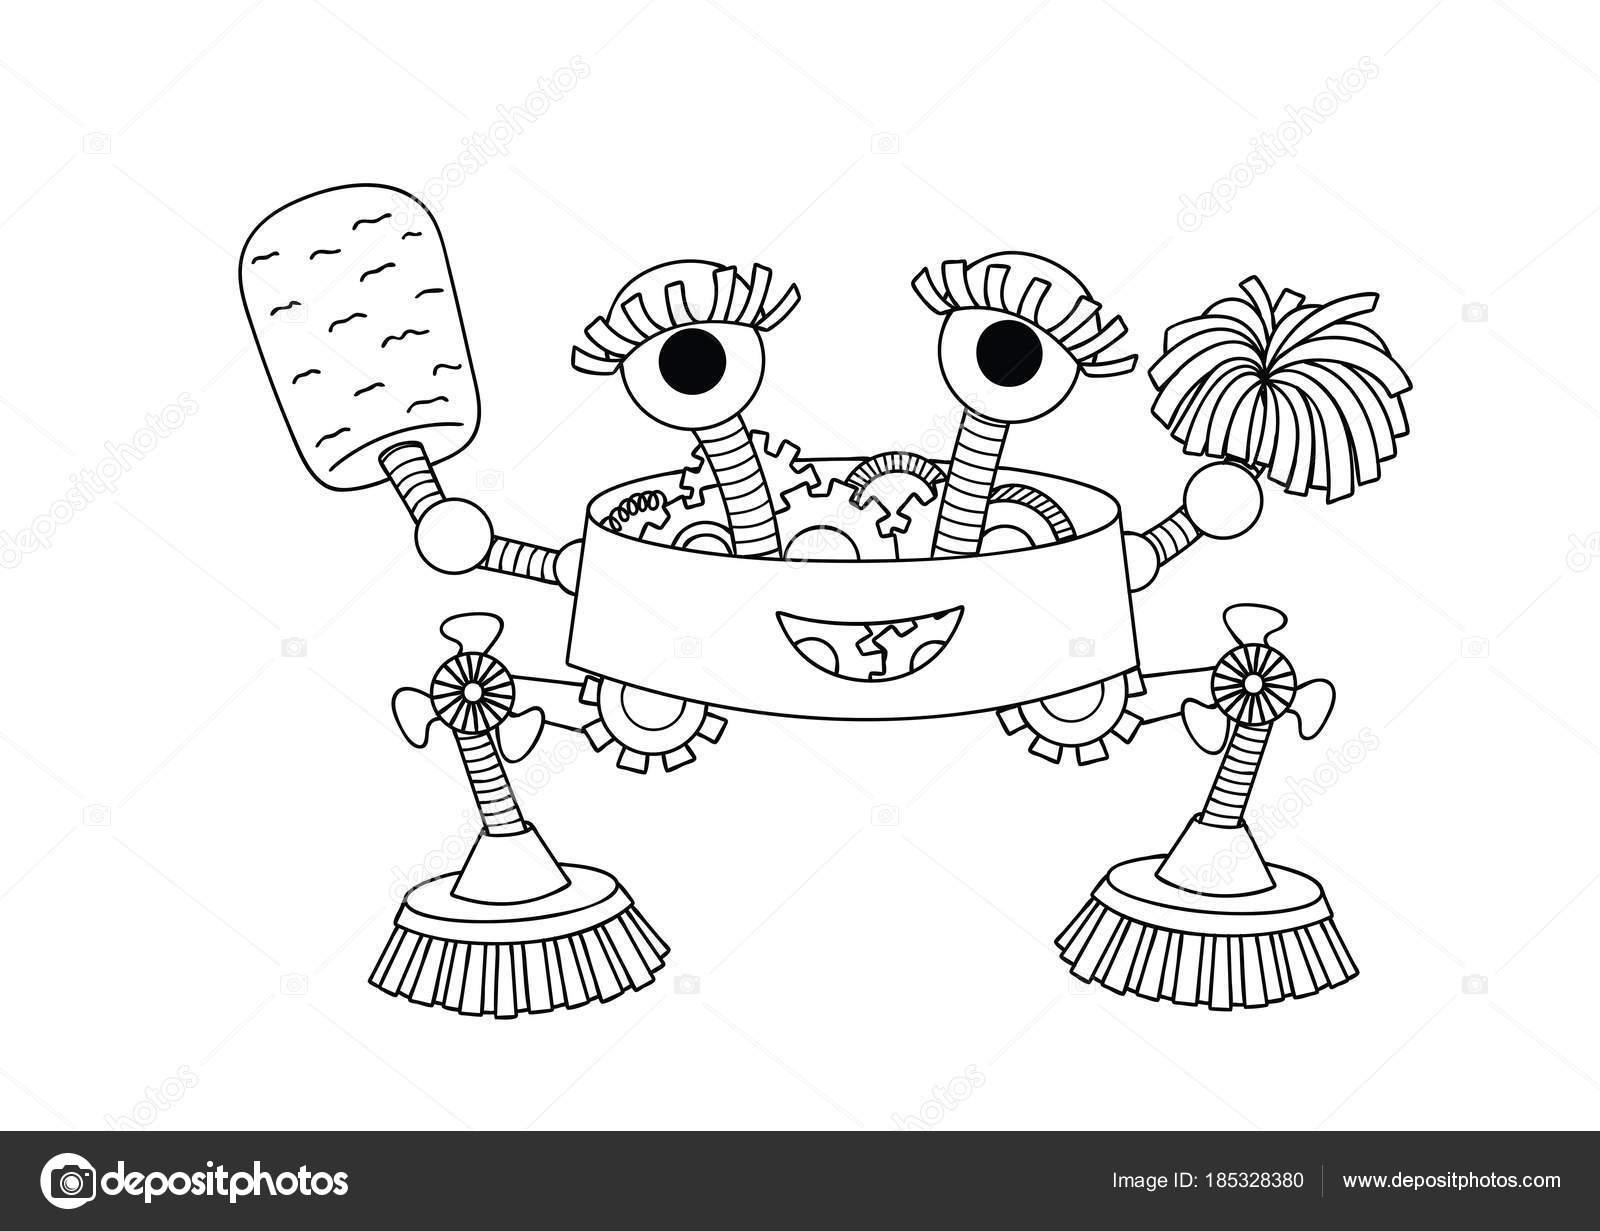 Imagenes Una Ama De Casa Para Colorear Robot Ama Casa Lindo